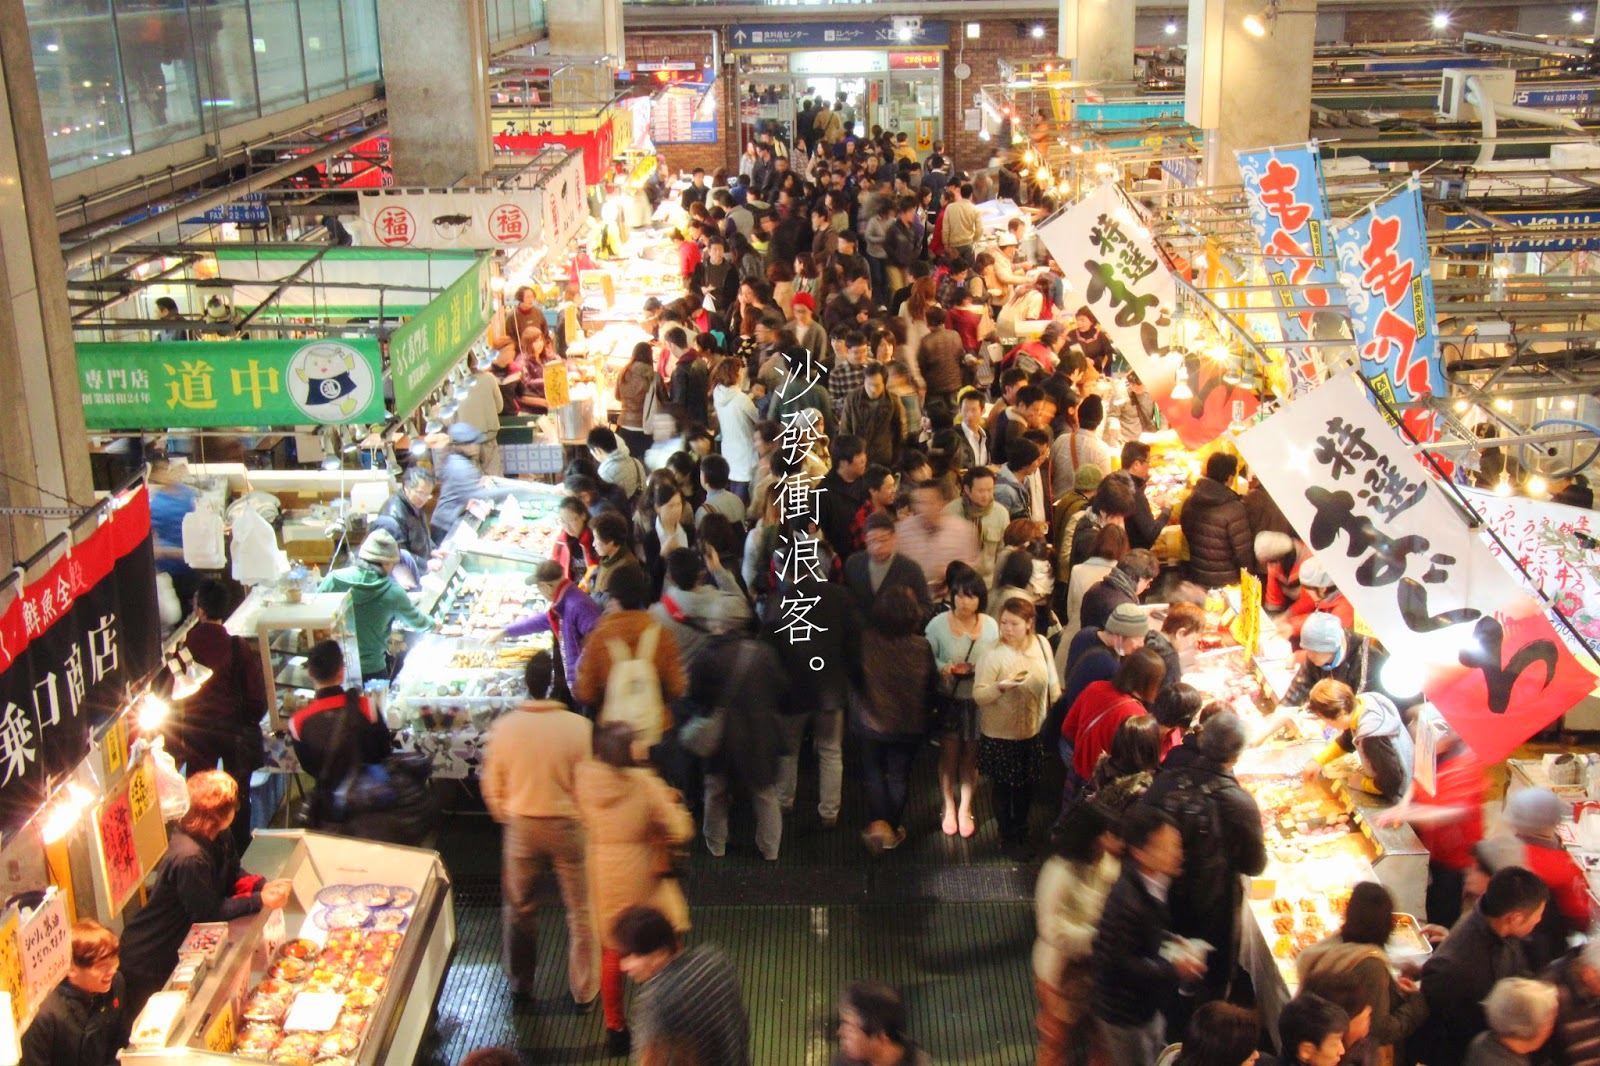 唐戶市場:日本必去的魚市場